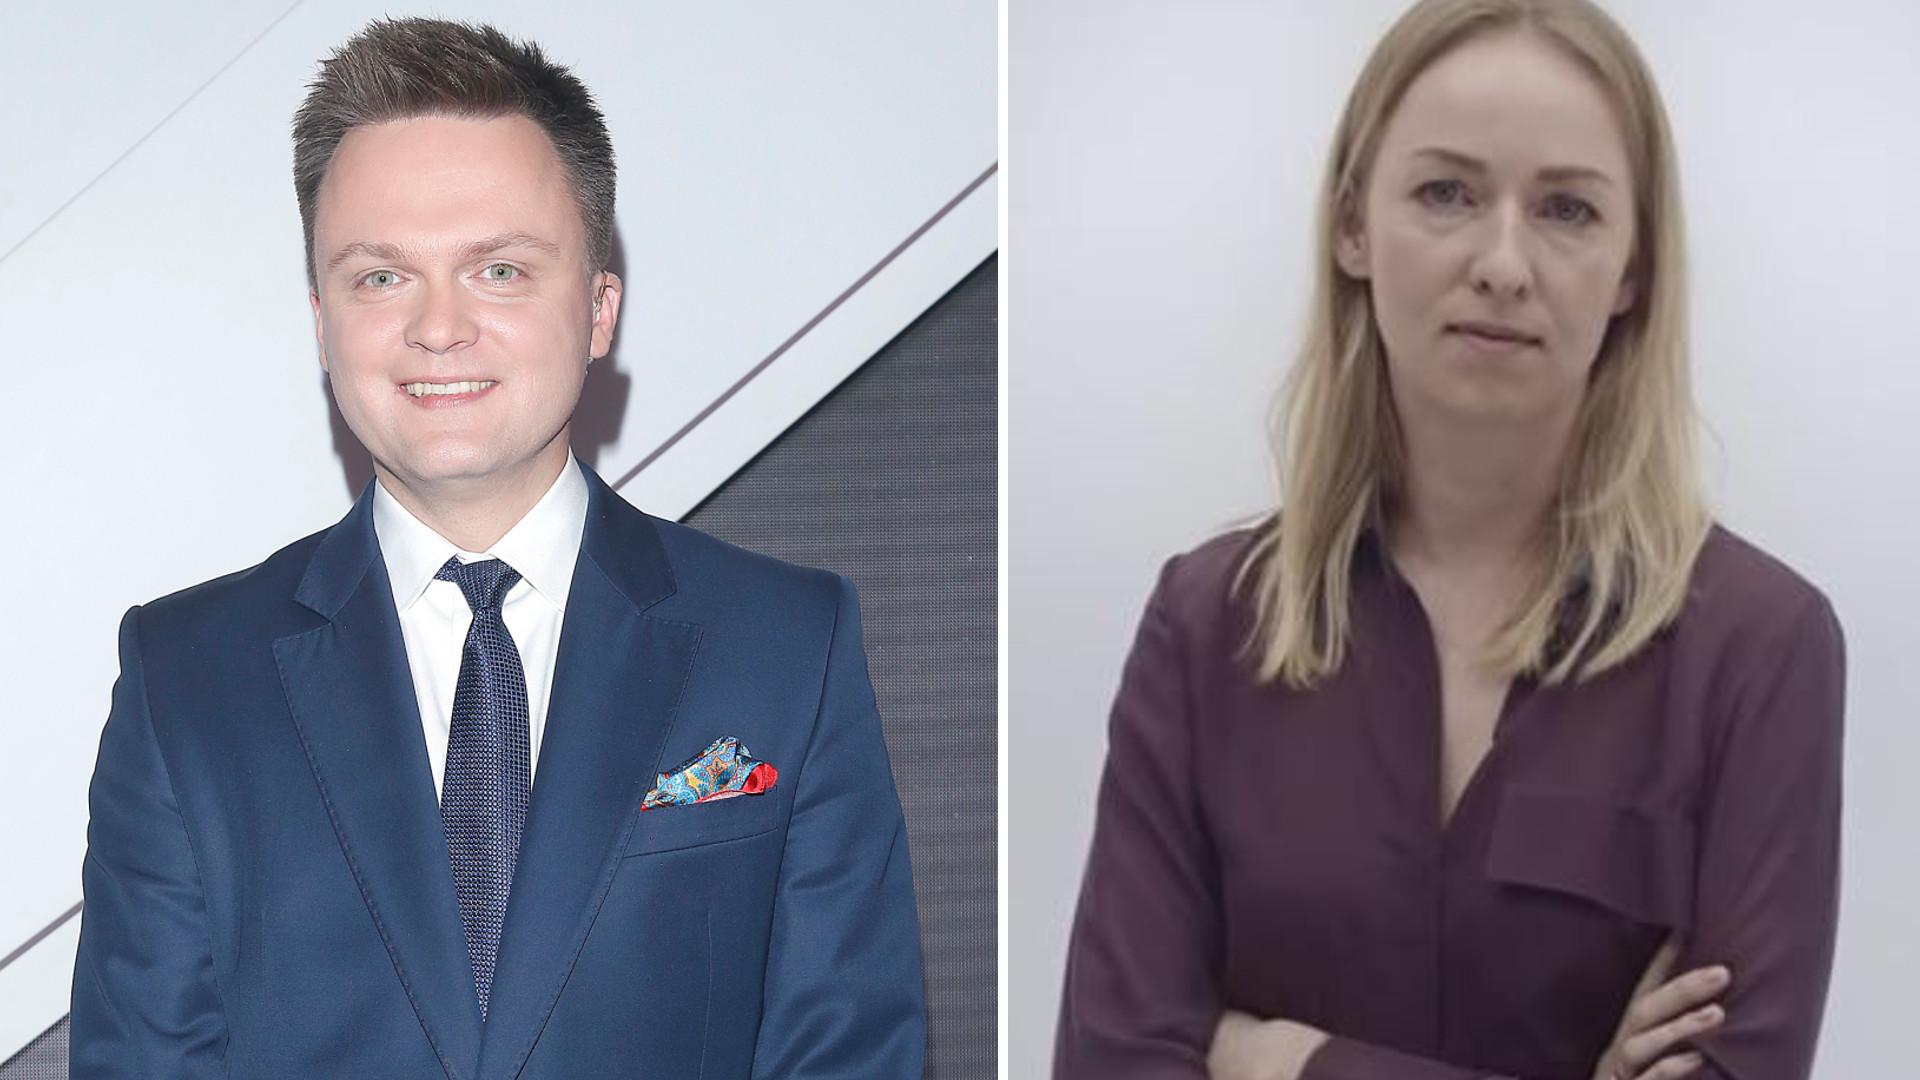 Żona Szymona Hołowni wystąpiła w jego spocie wyborczym